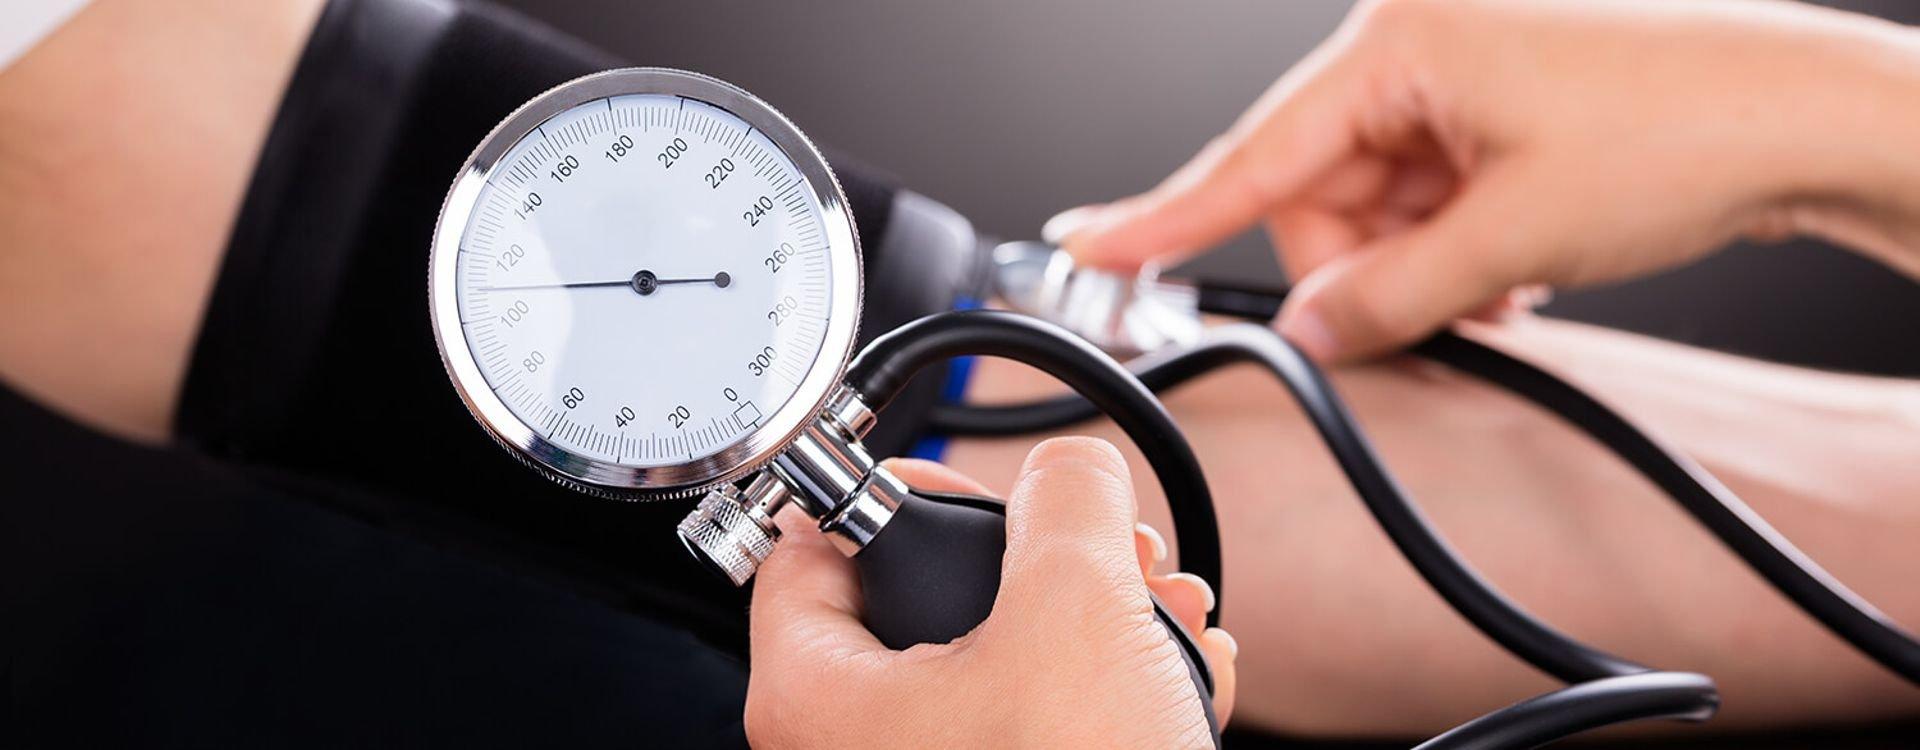 اختر جهاز قياس ضغظ الدم بعناية فائقة